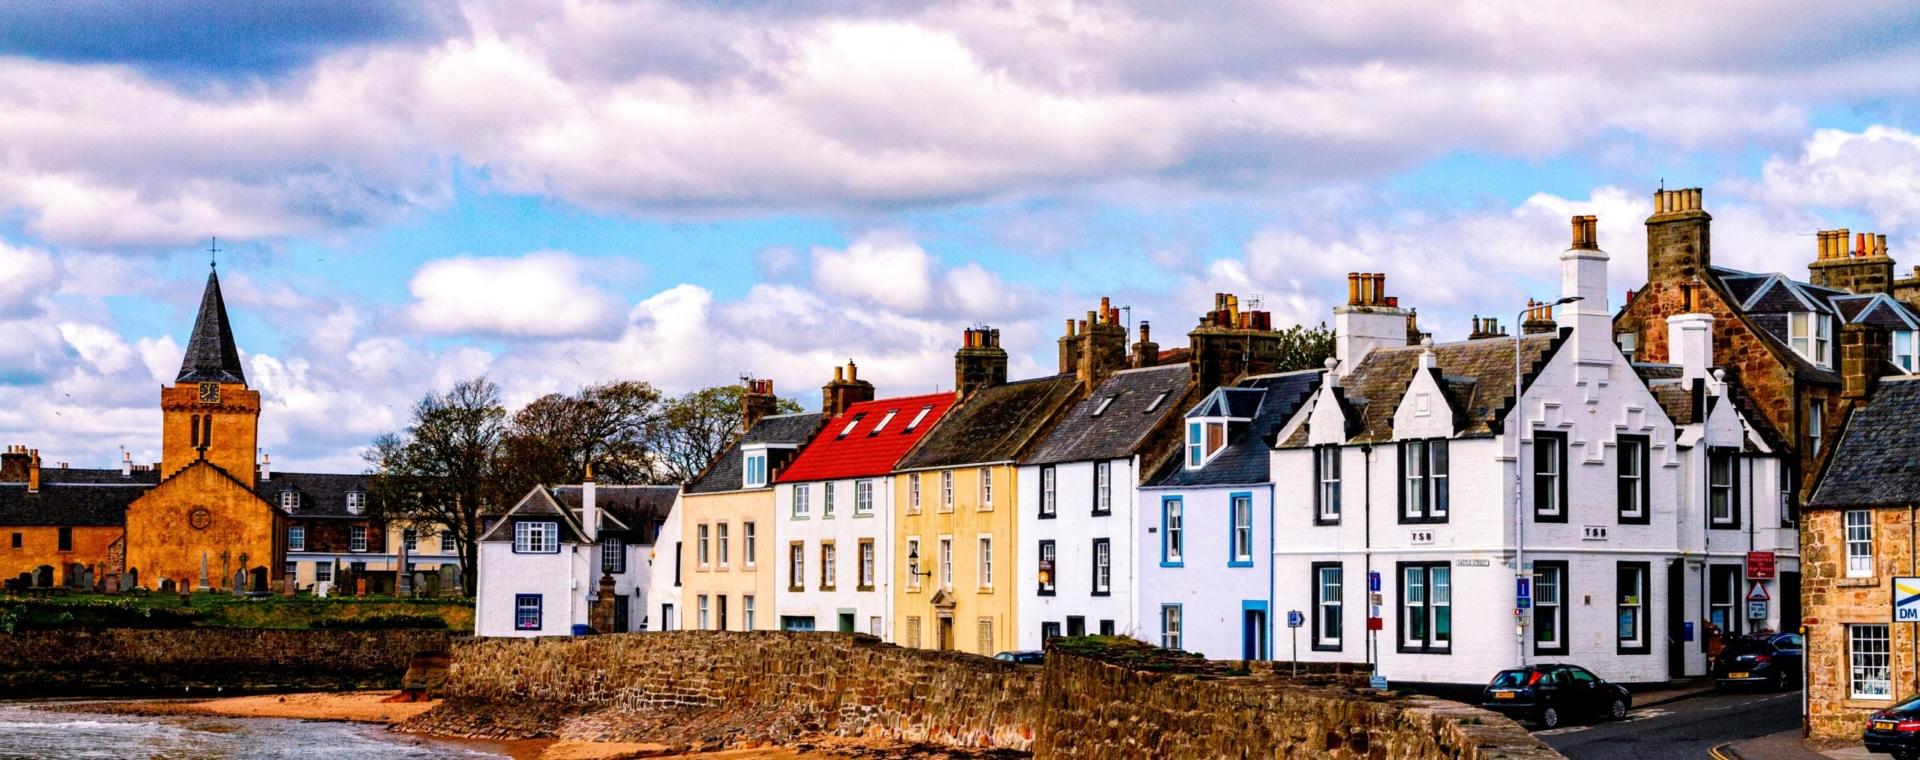 Miasto w Szkocji